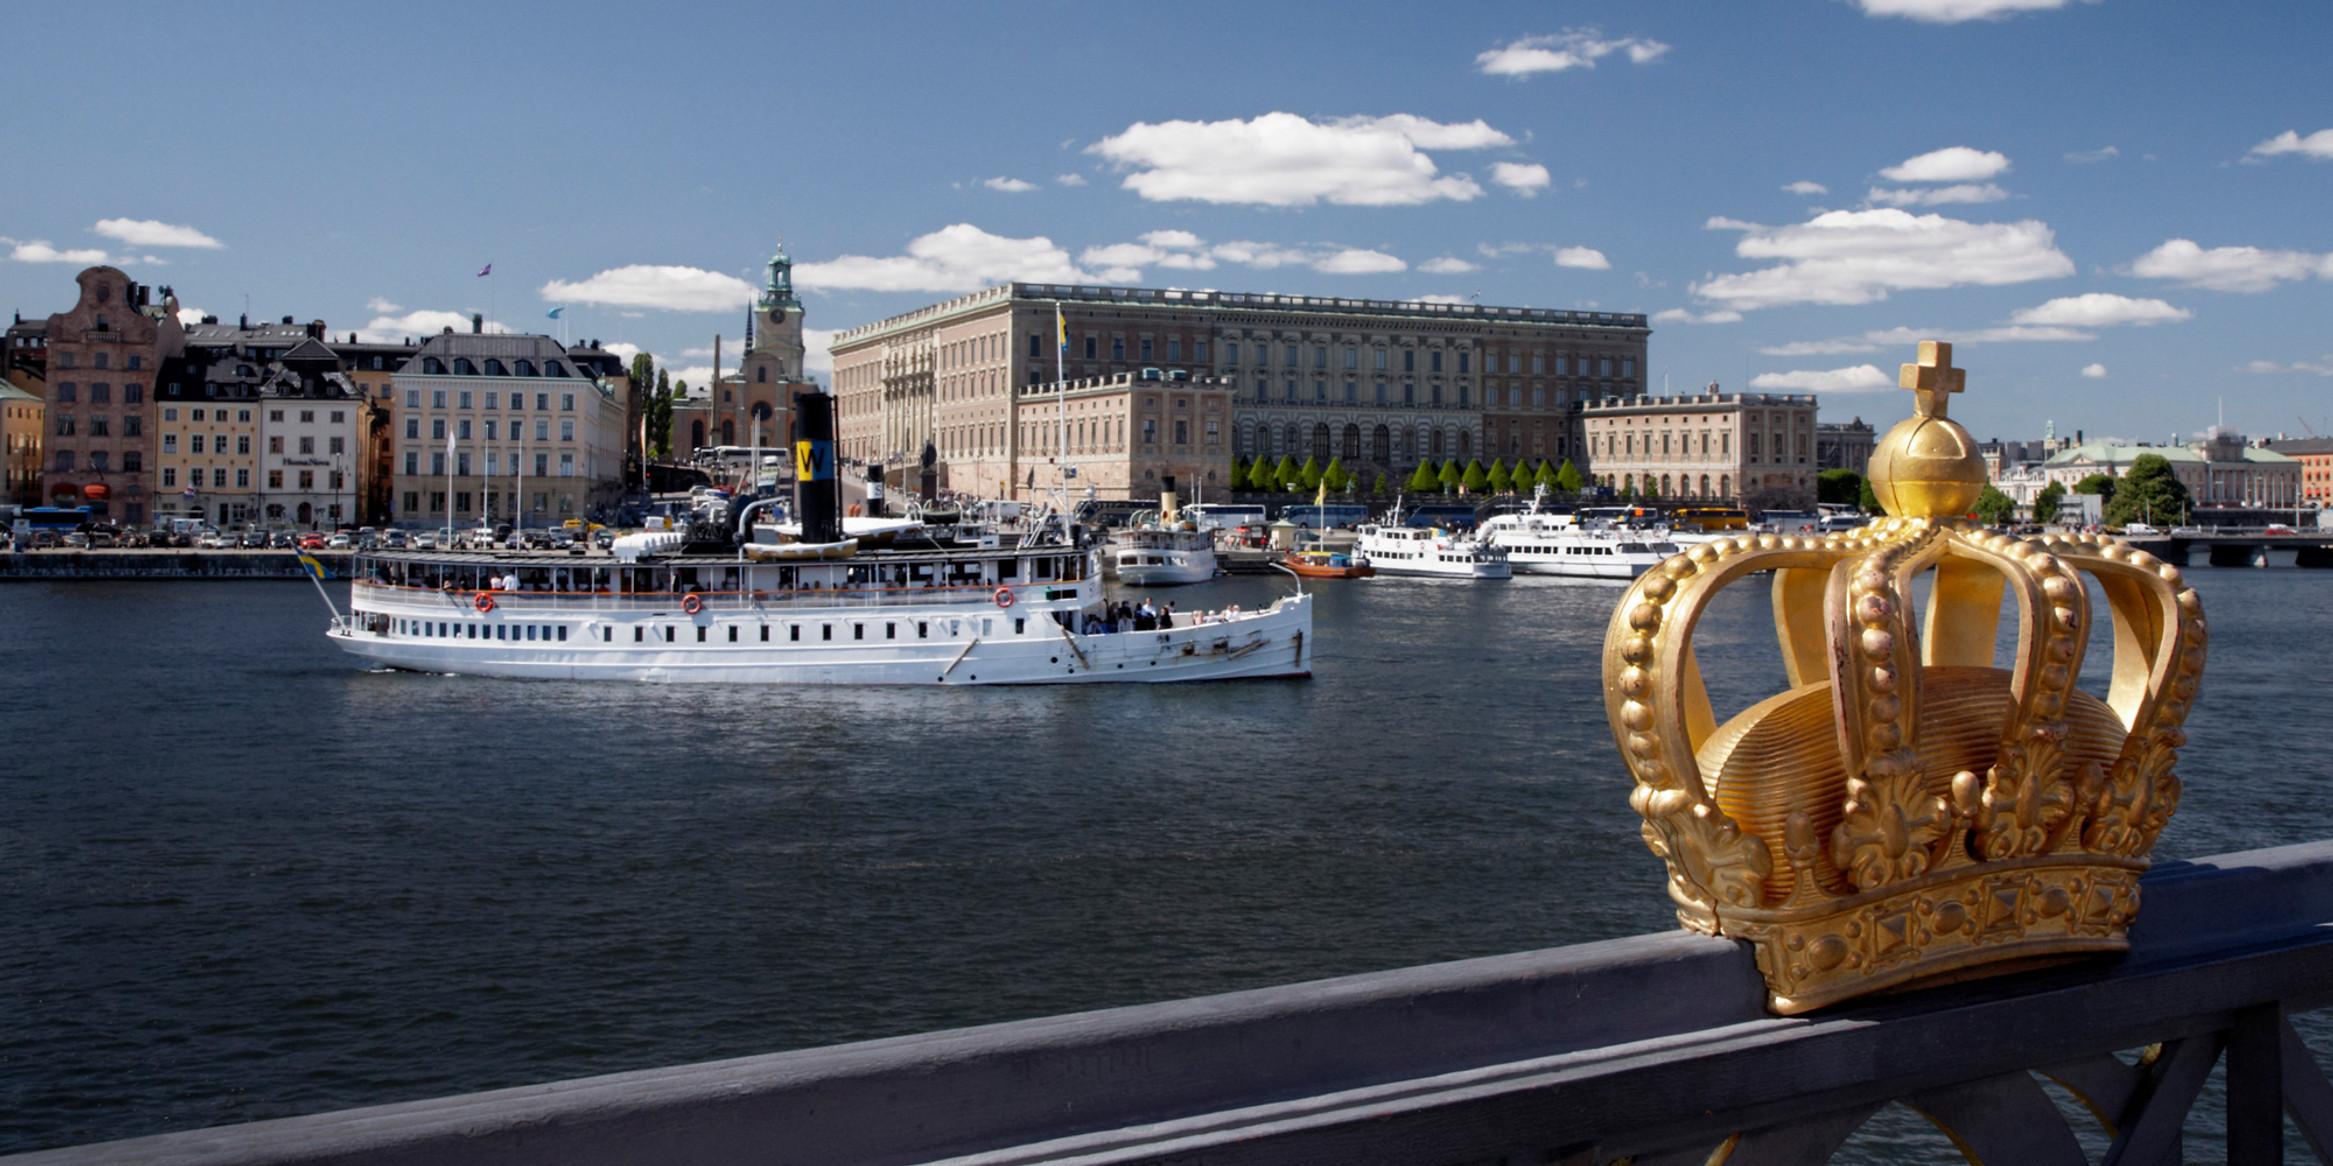 ola_ericson-the_royal_palace-722_edited.